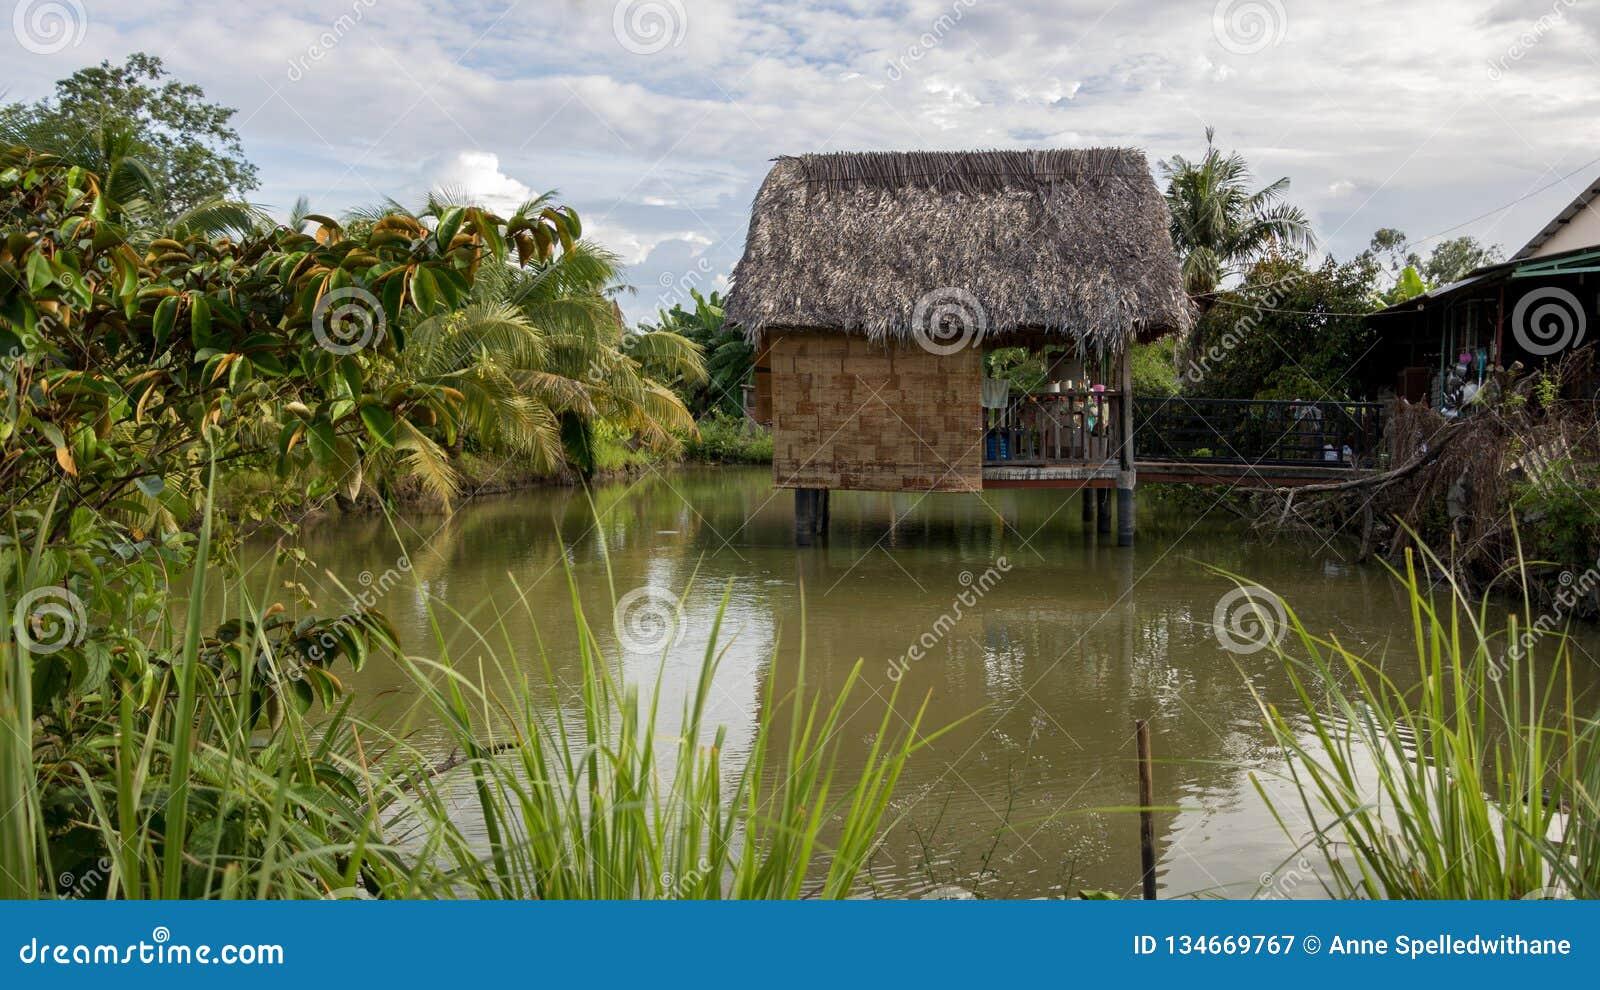 Het Huis van de Vietnamees-stijlboom op Mooie Groene Vijver met Kokospalmen en Tropische Installaties - Sunny Day met Wolken